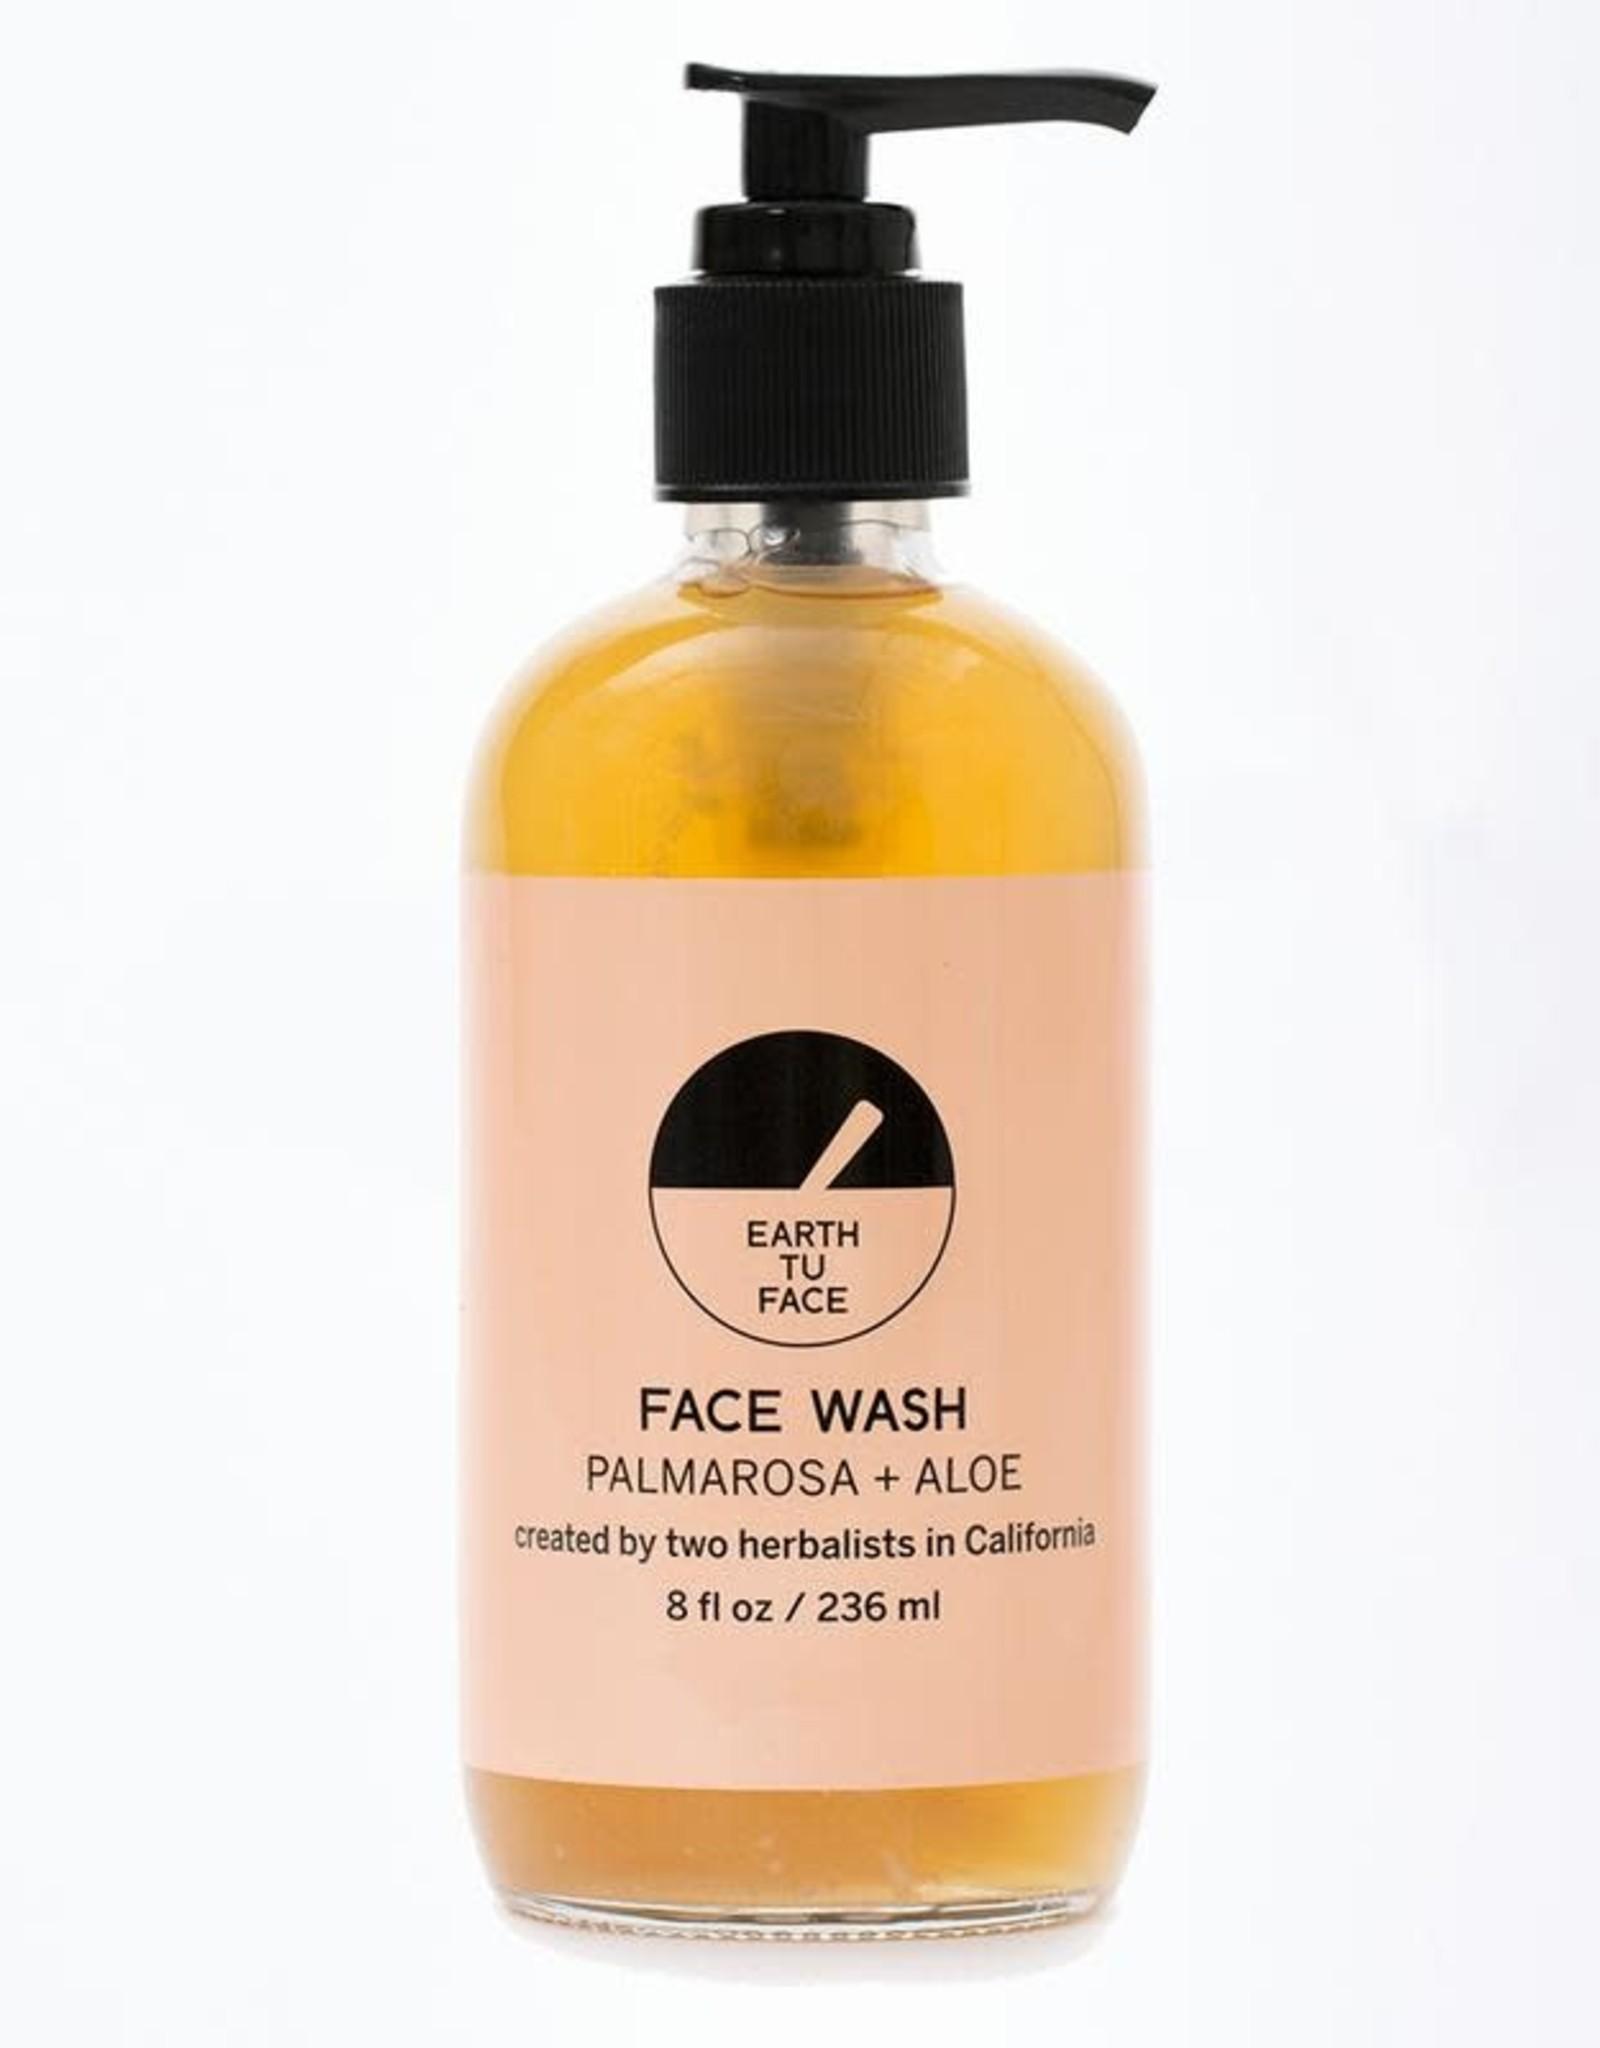 Earth Tu Face Earth Tu Face Face Wash